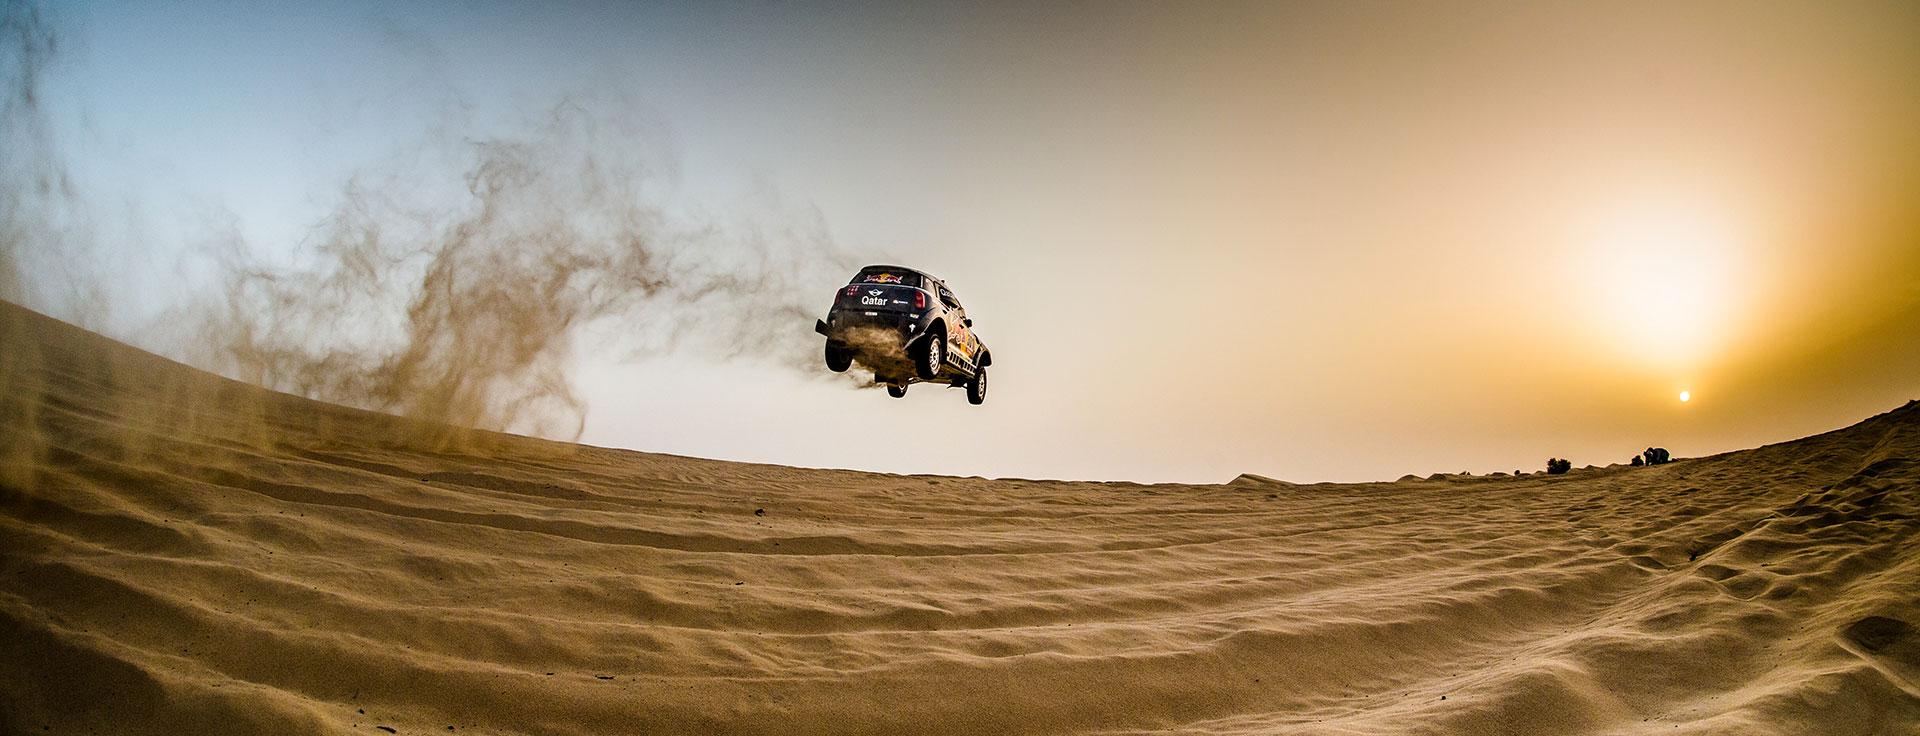 MINI-ALL4-RACING_Nasser-Al-Attiyah_Wallpaper-2